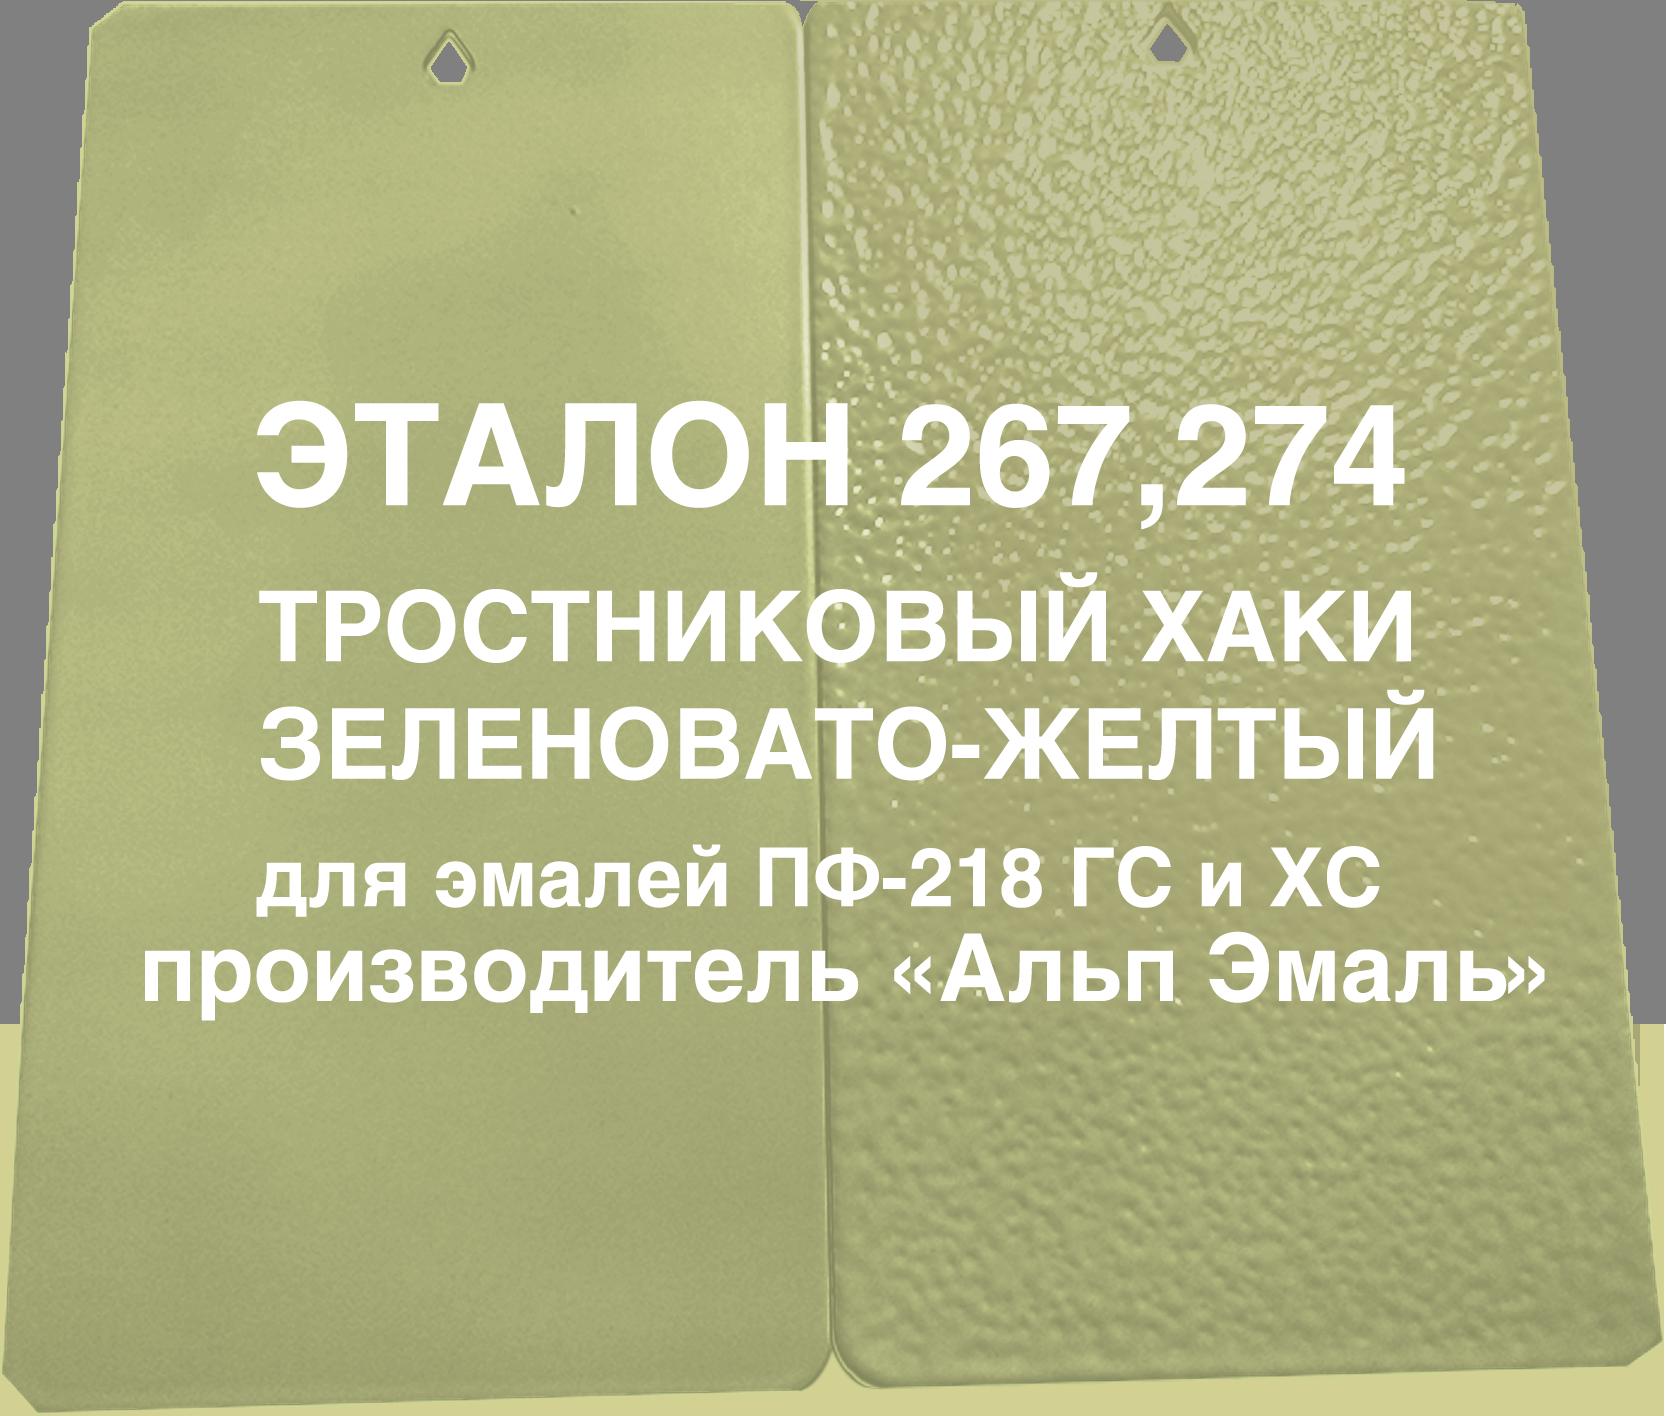 Зеленовато-желтый ПФ-218 ГС ХС краска эмаль